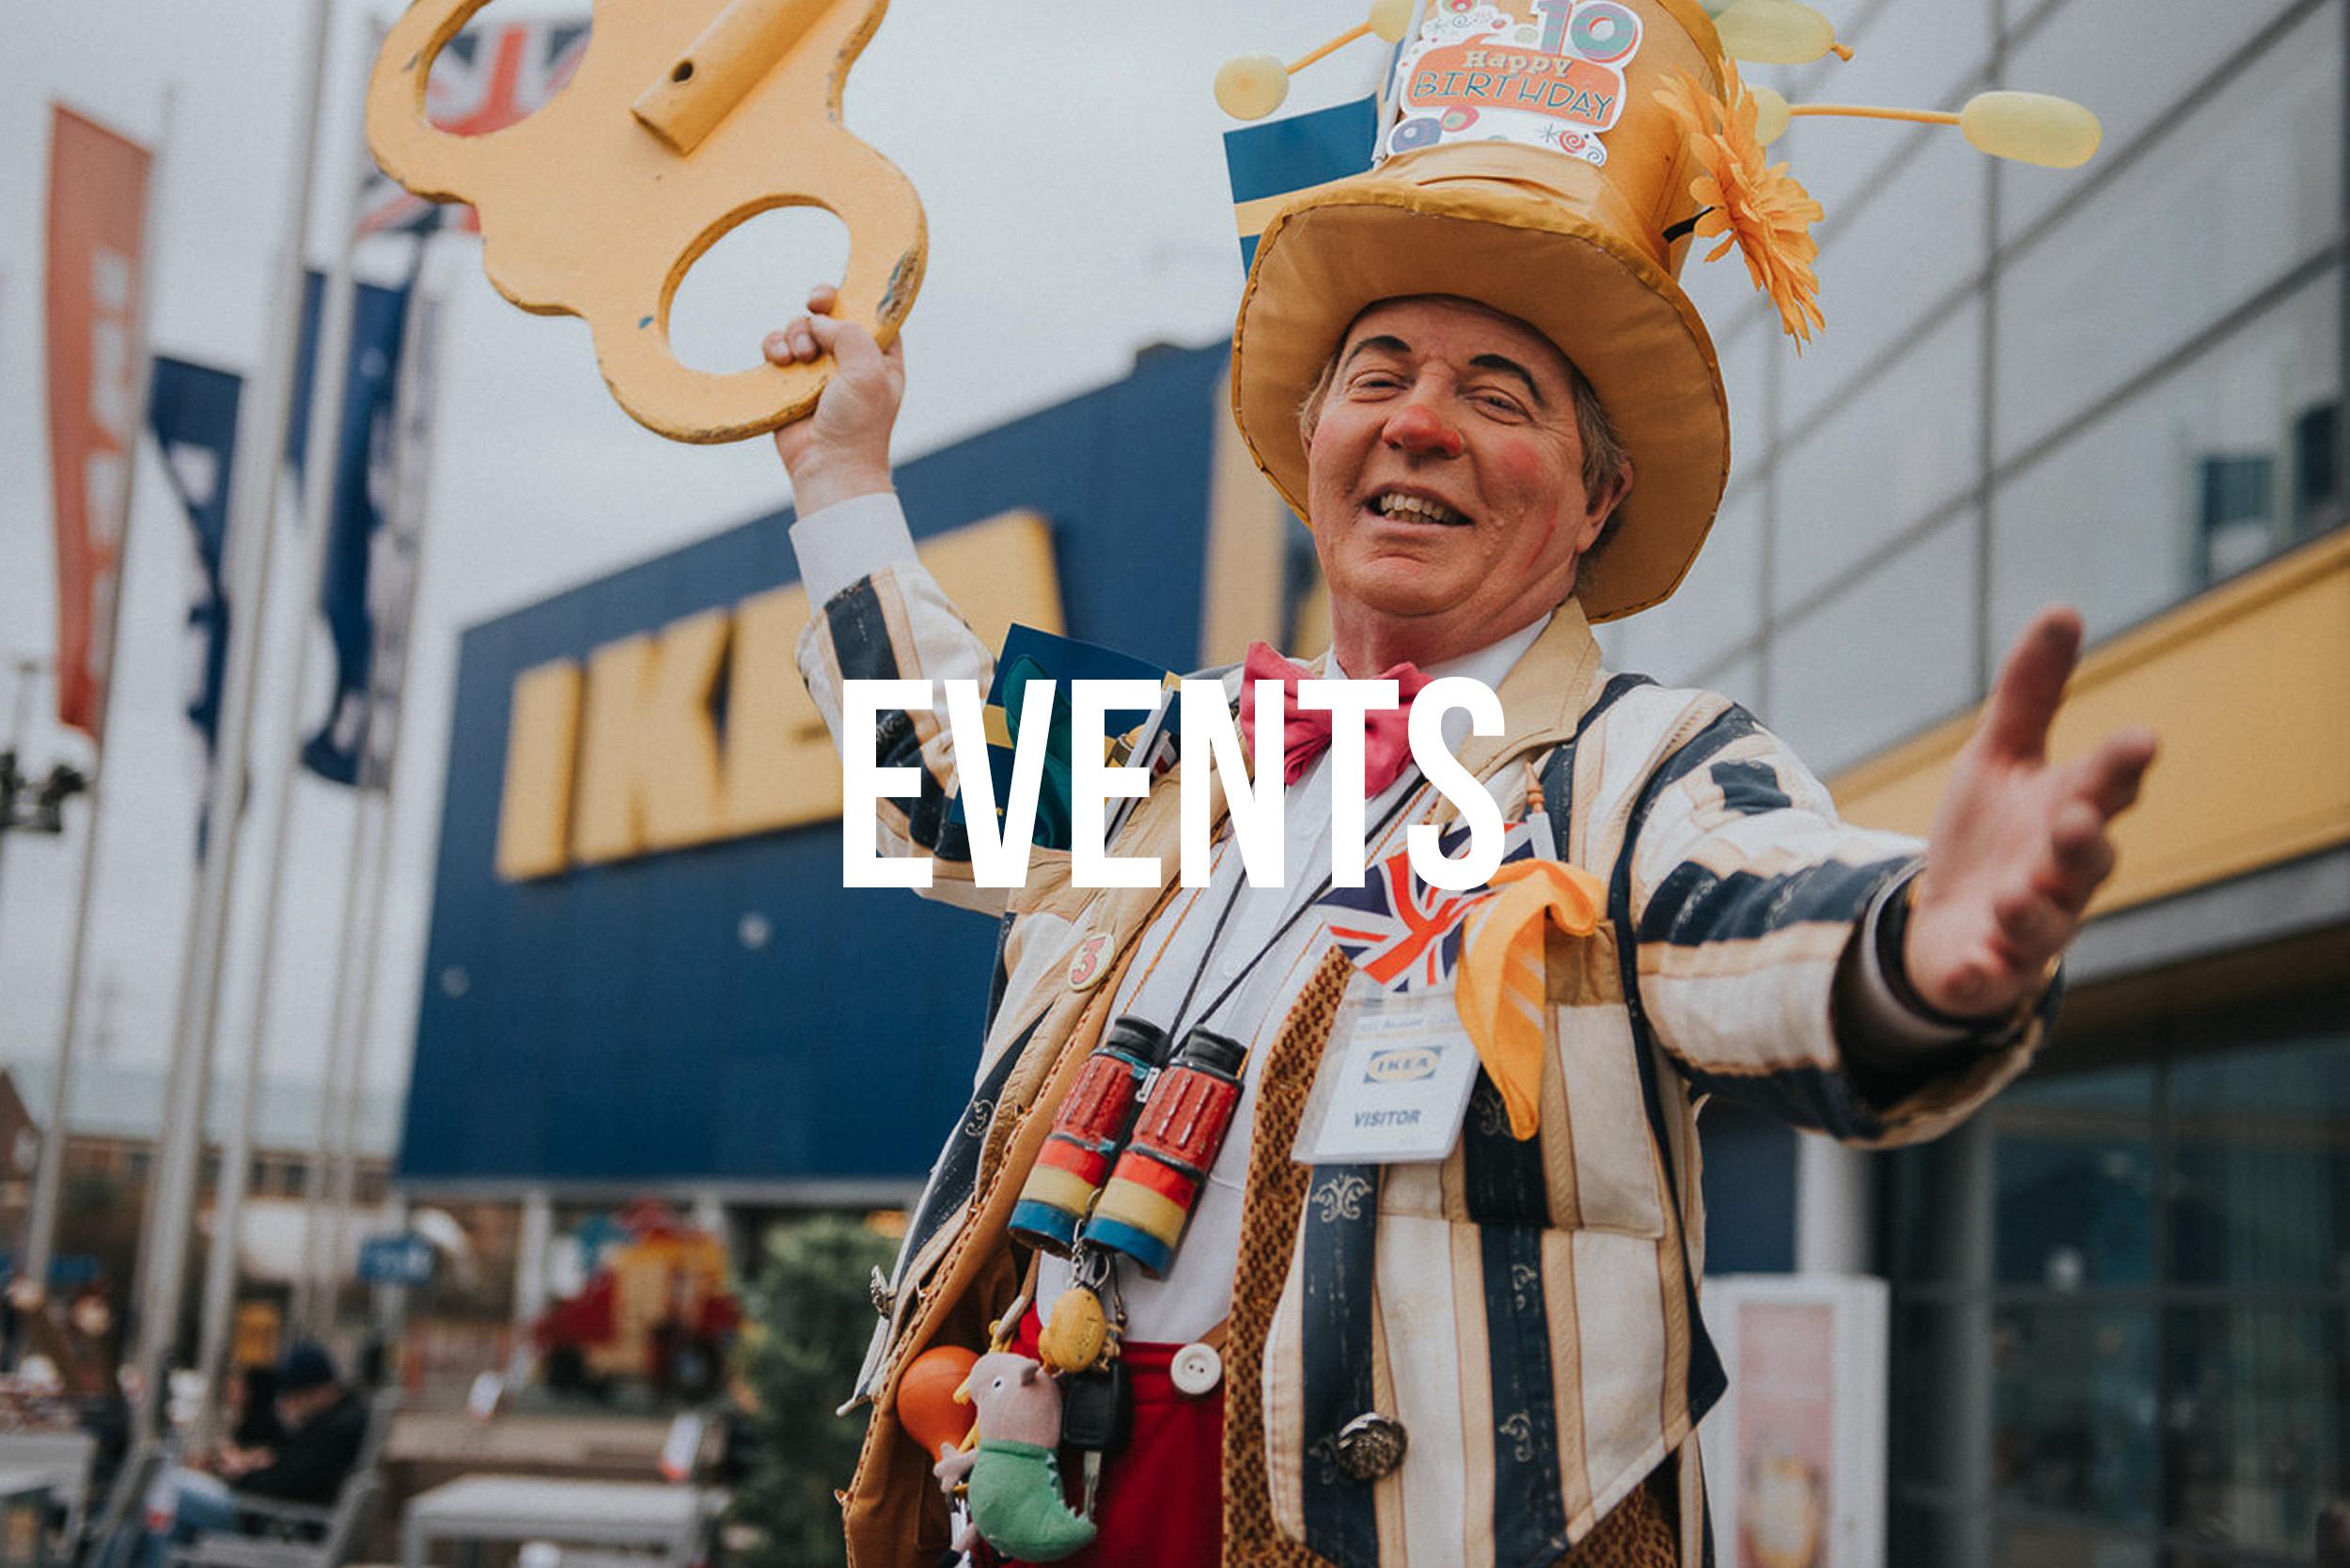 leszek_lata-events.jpg